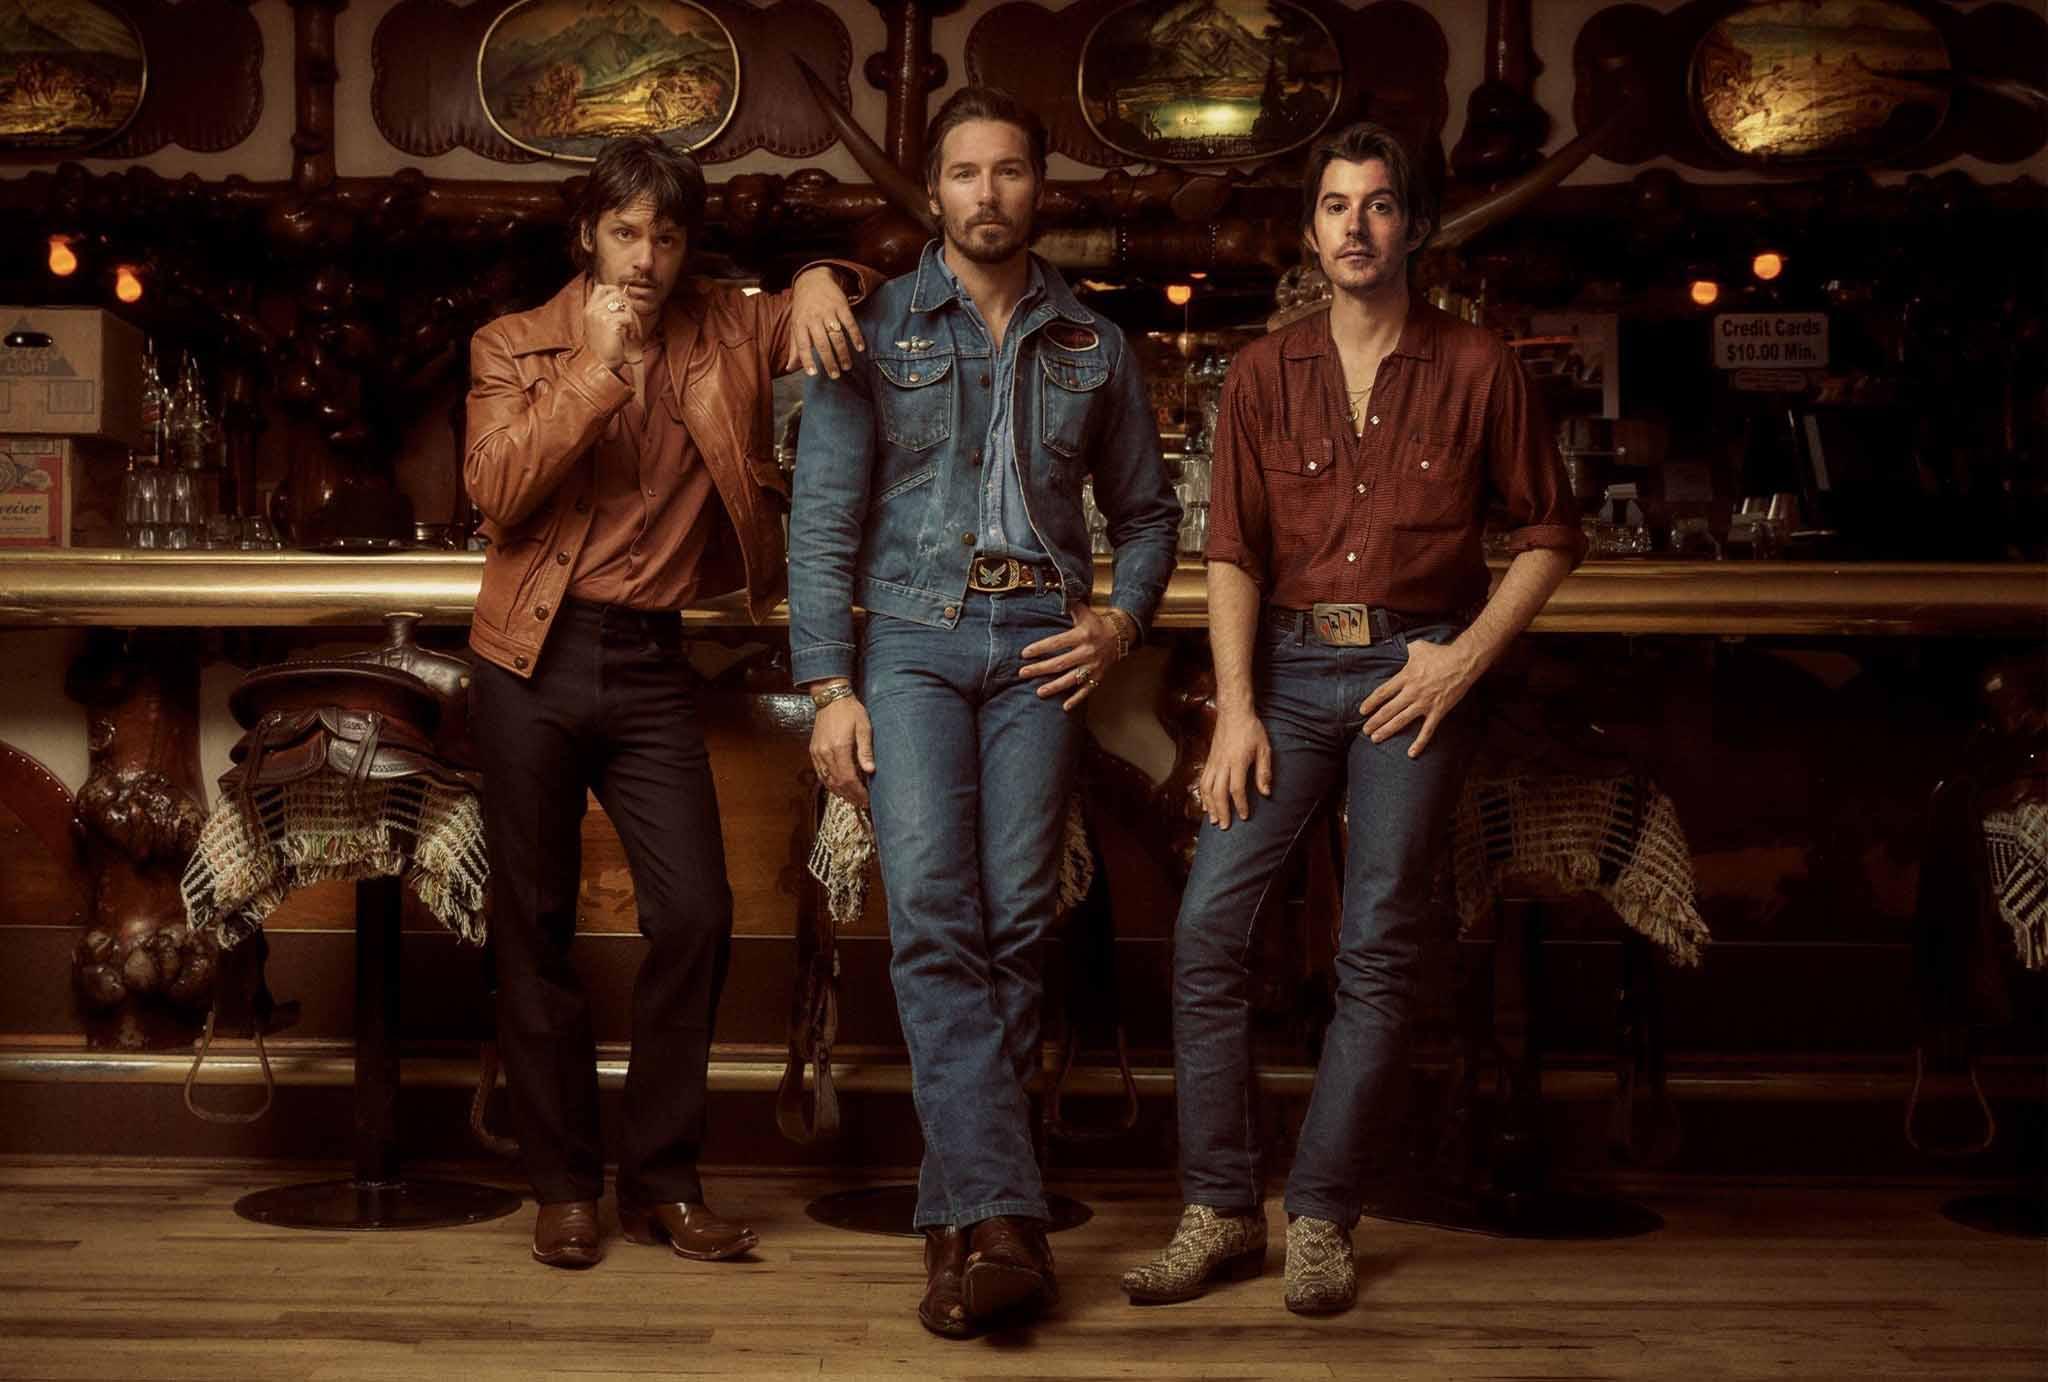 Country band Midland at Cowboy Bar